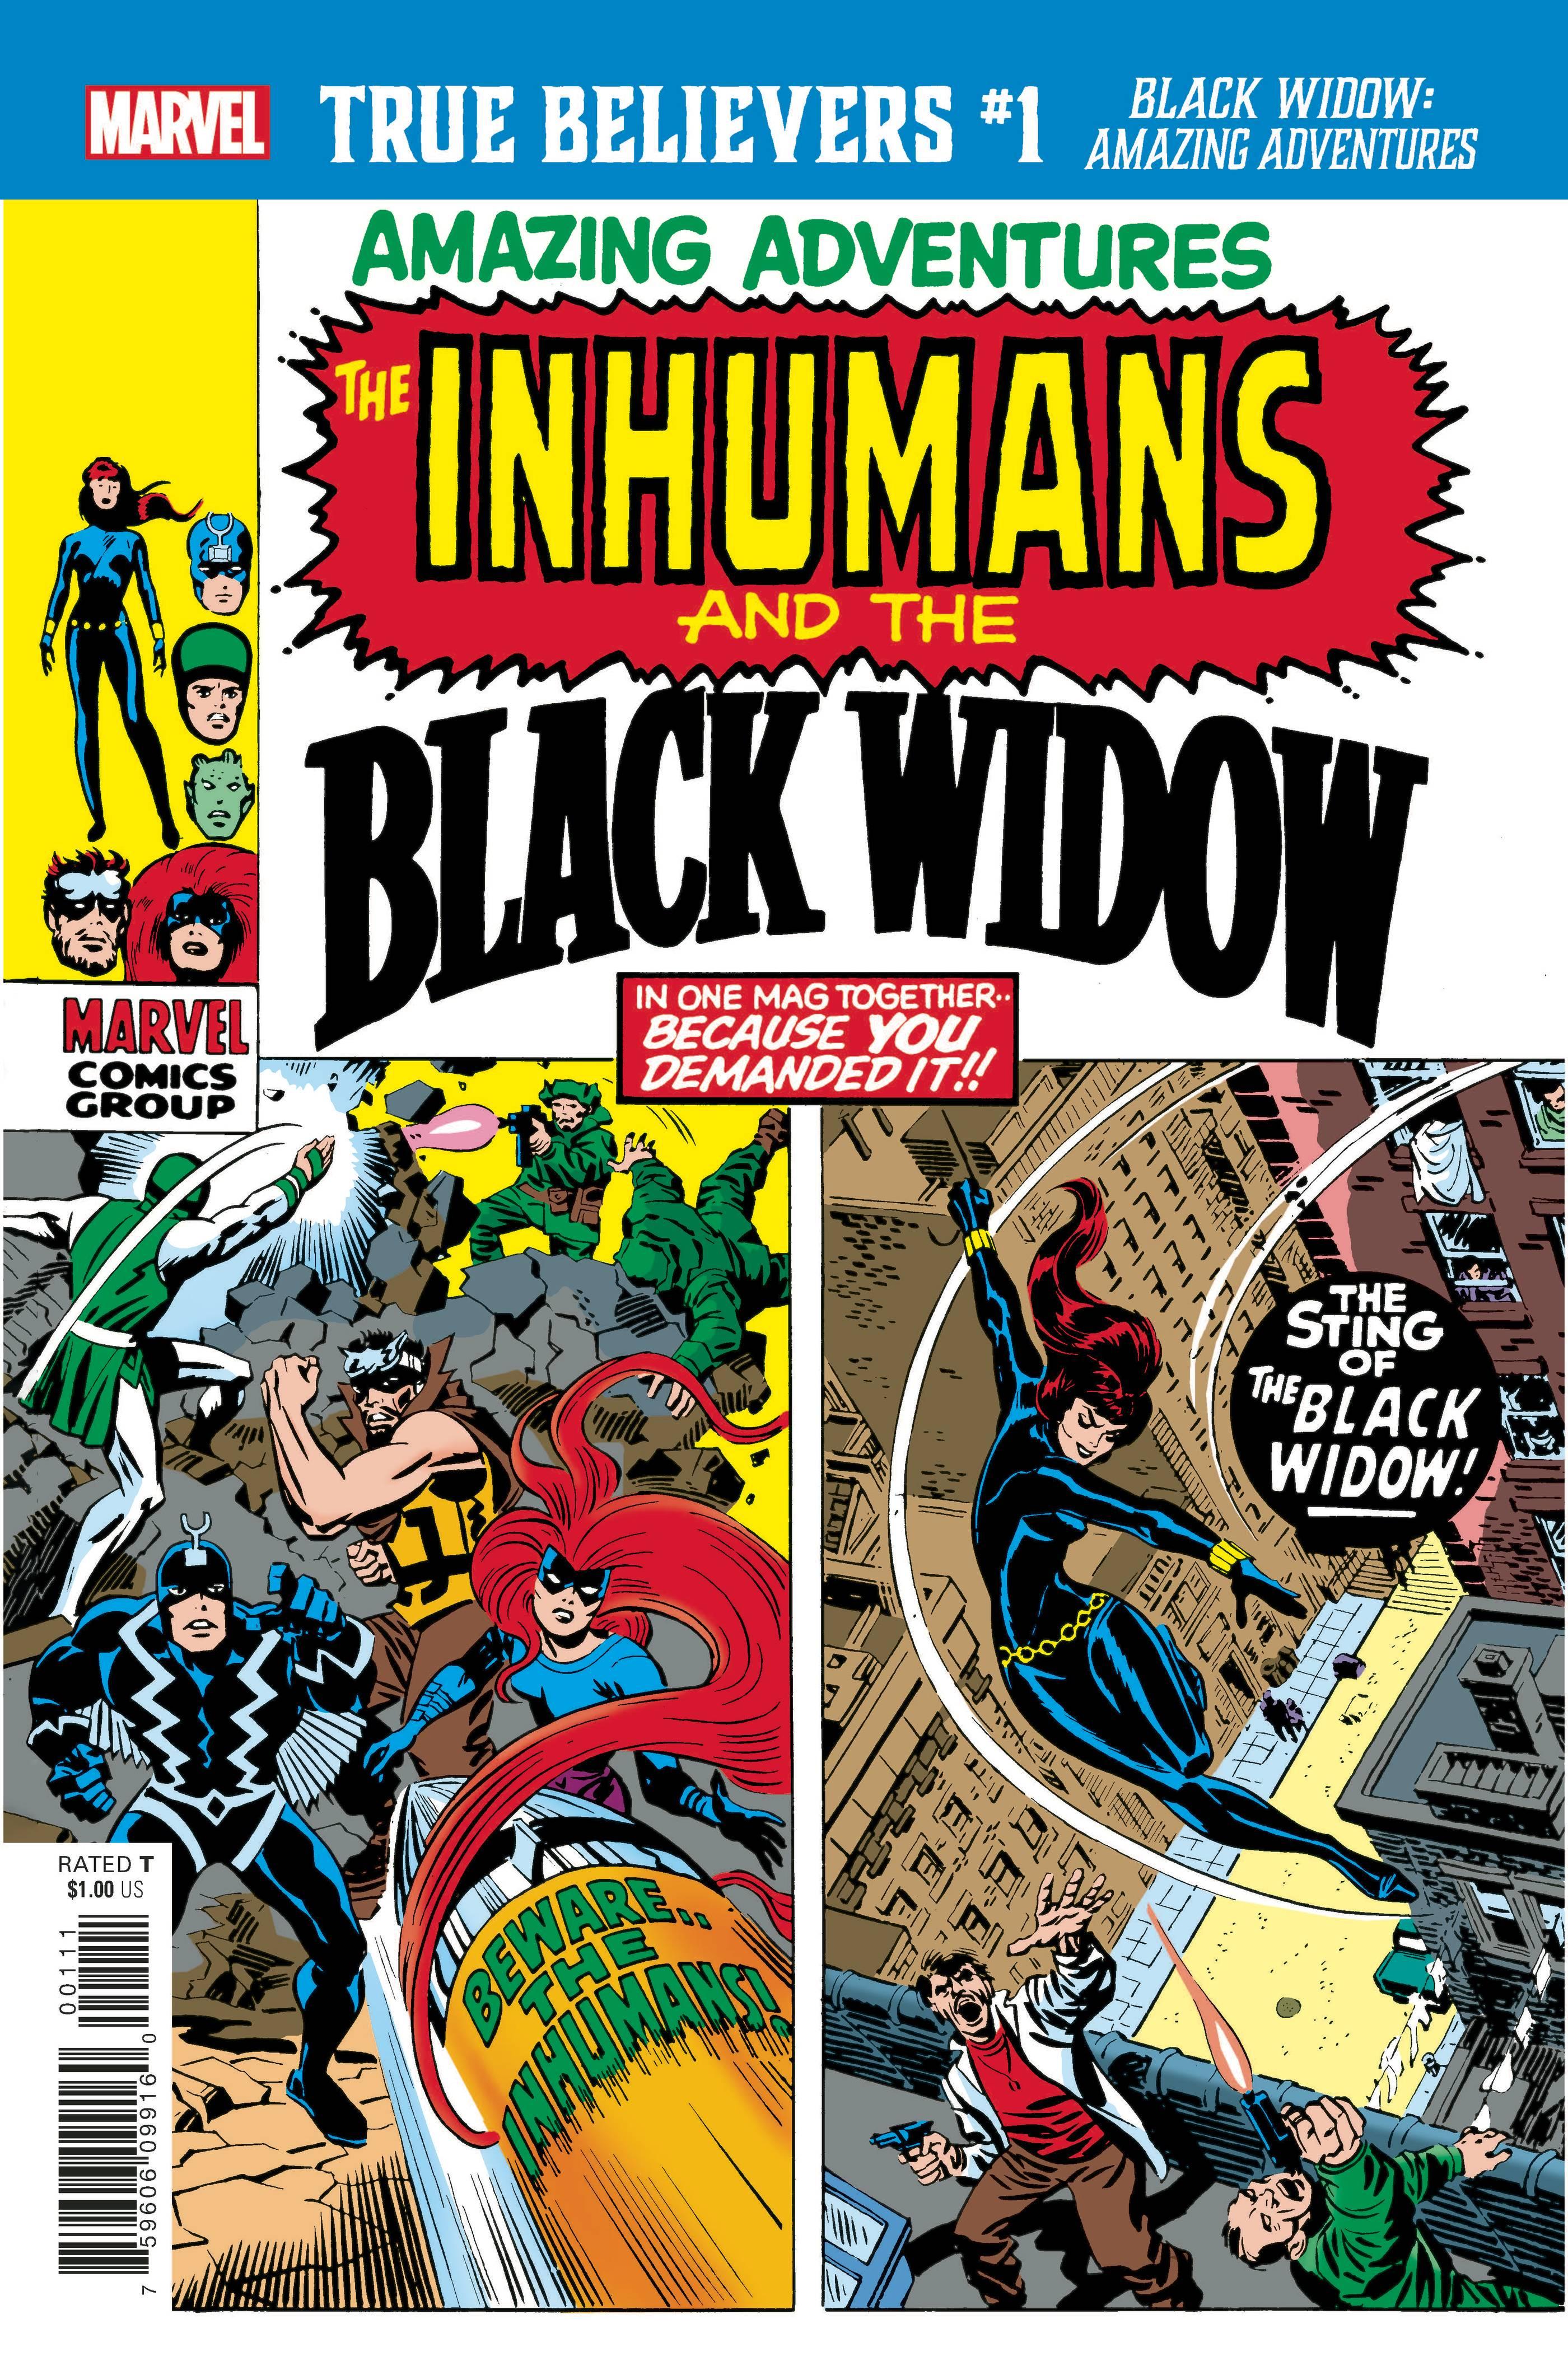 True Believers: Black Widow - Amazing Adventures #1 (2020)